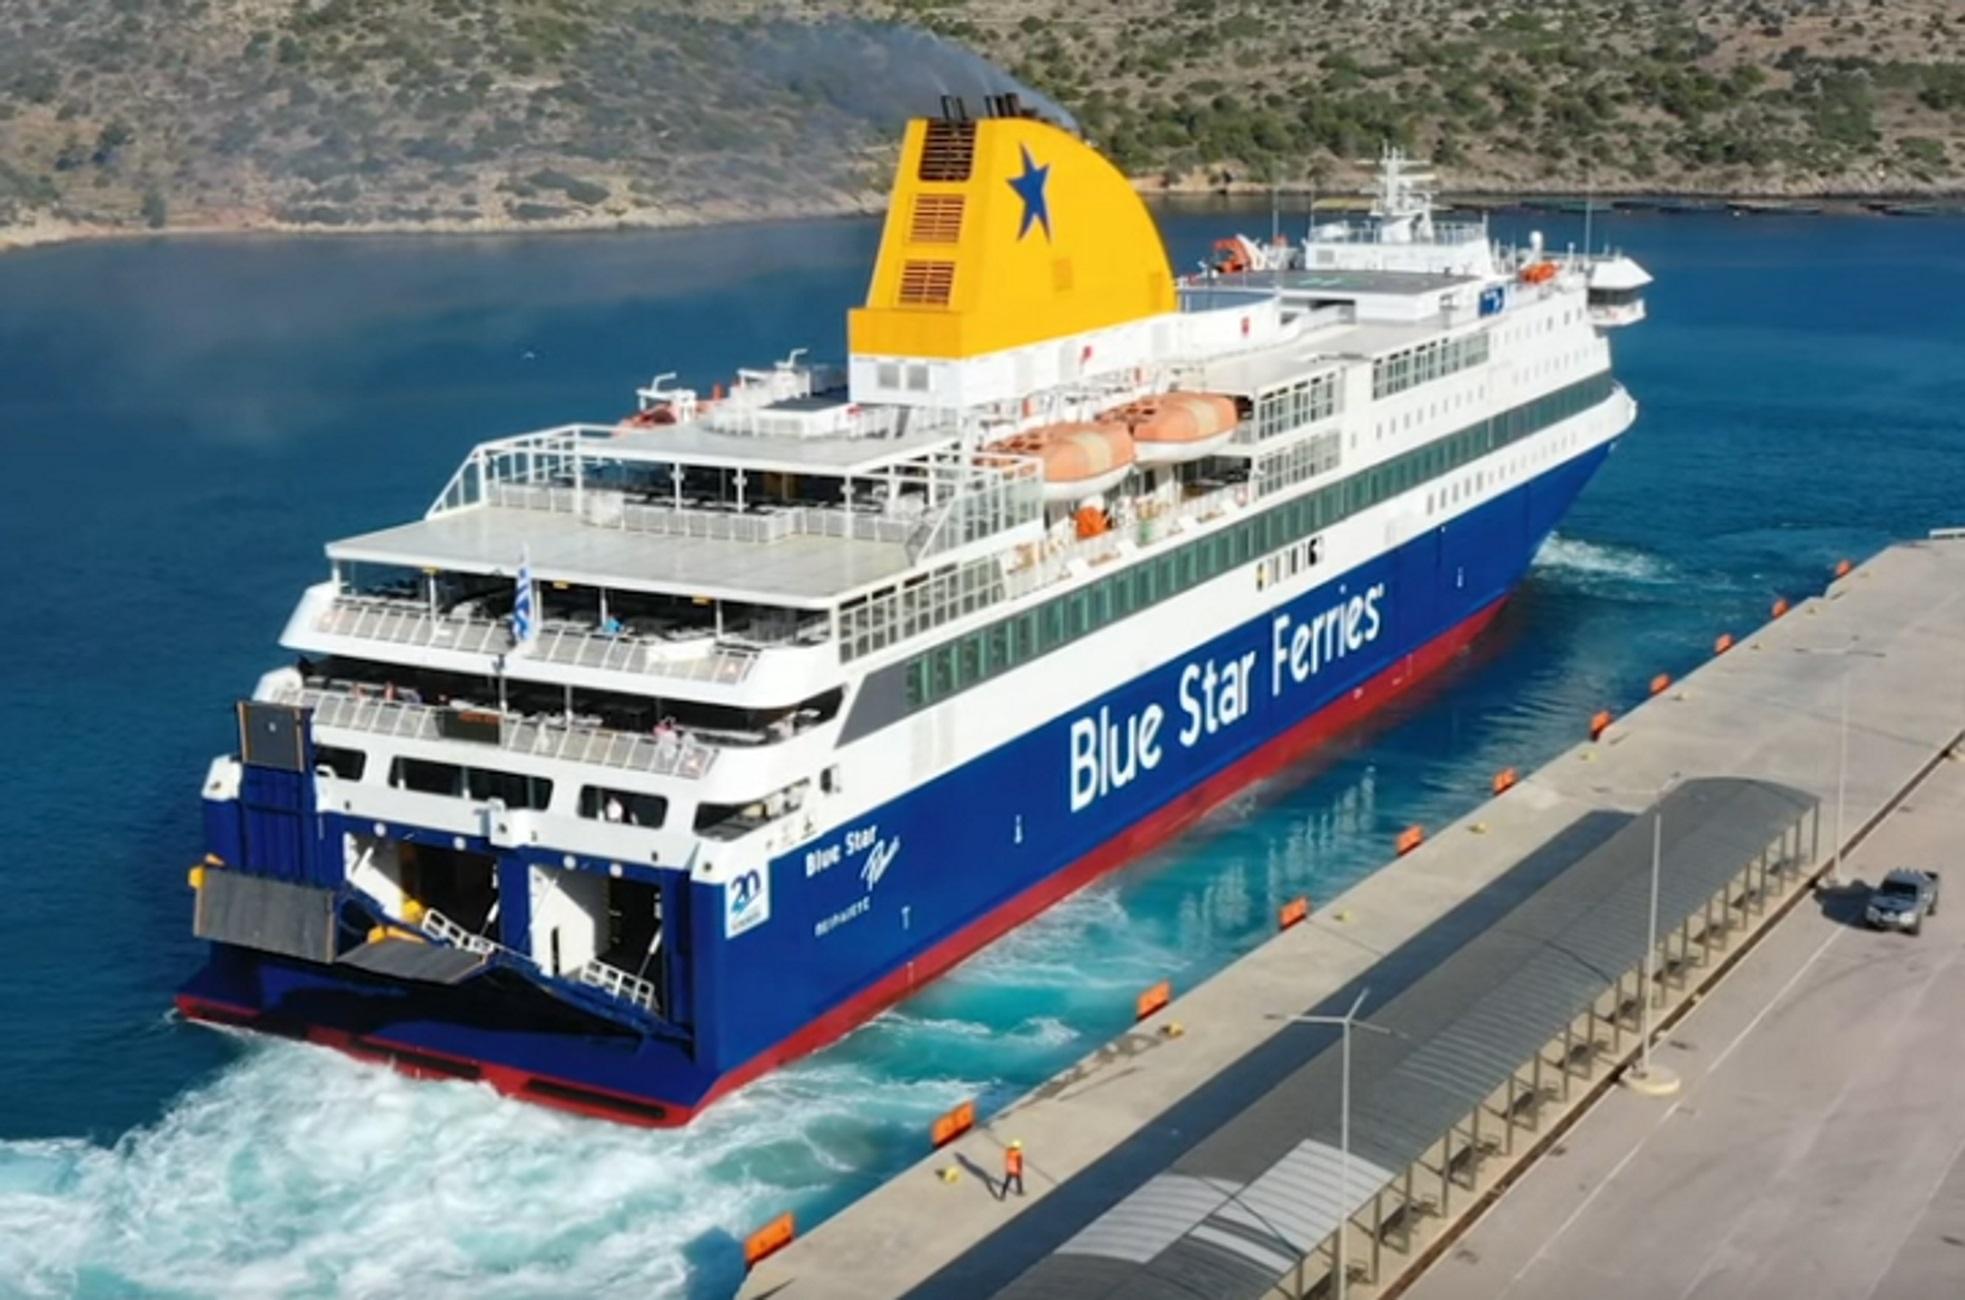 Χίος: Δεξιοτεχνική μανούβρα από τον καπετάνιο του Blue Star Patmos – Έτσι έφτασαν οι πρώτοι τουρίστες